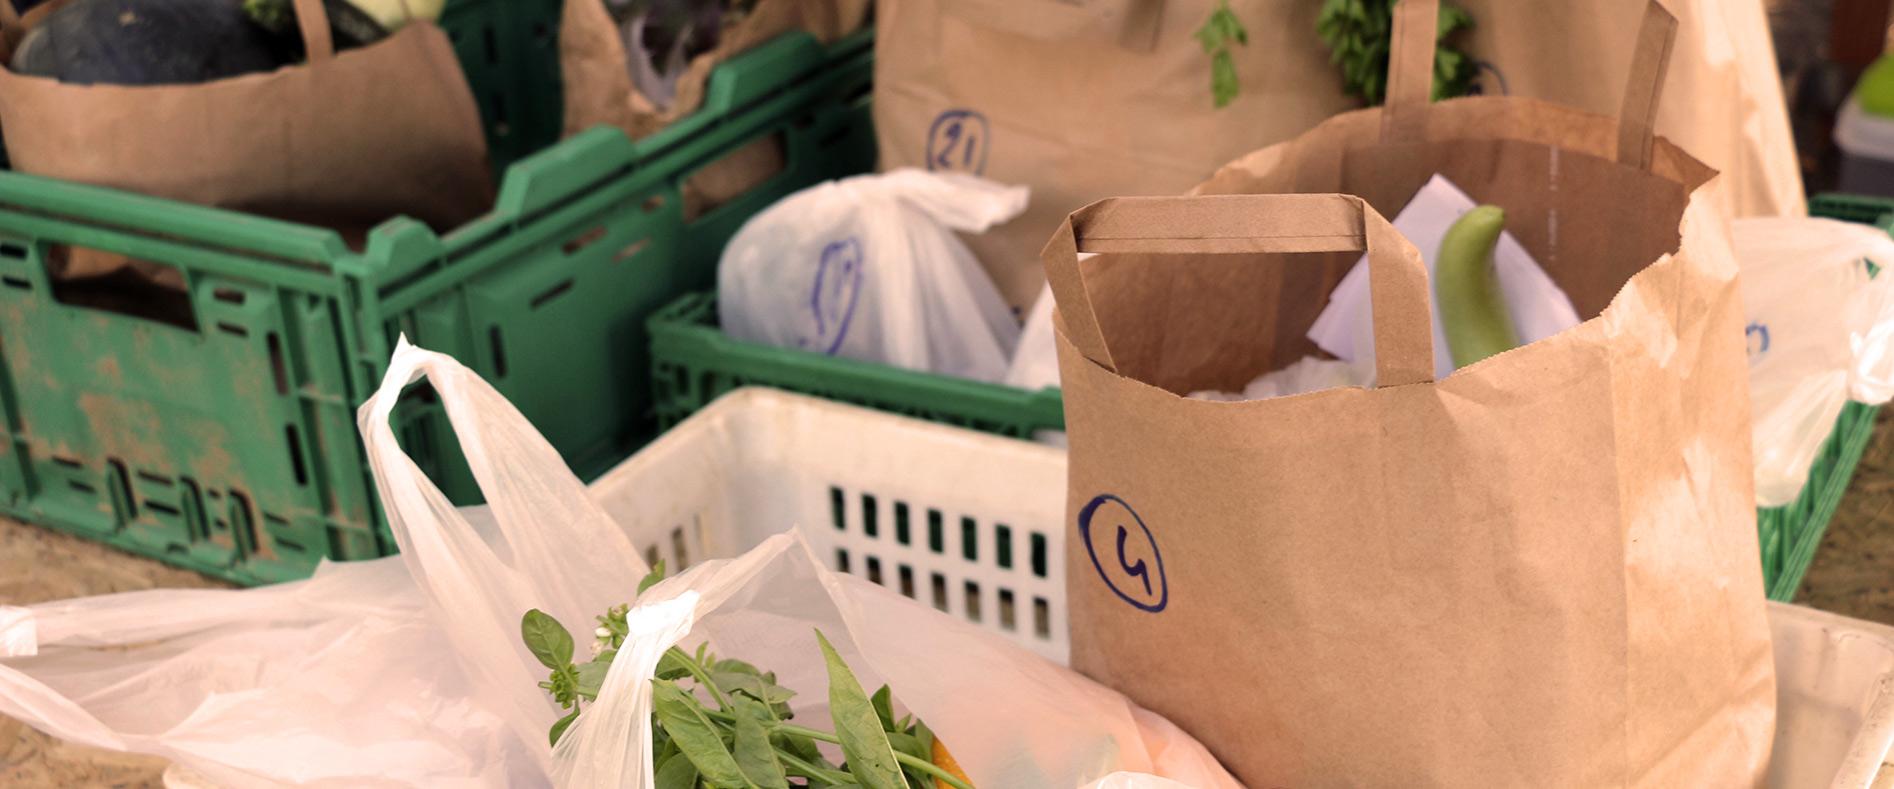 Zéro waste, distribution de Flourens et Lavalette